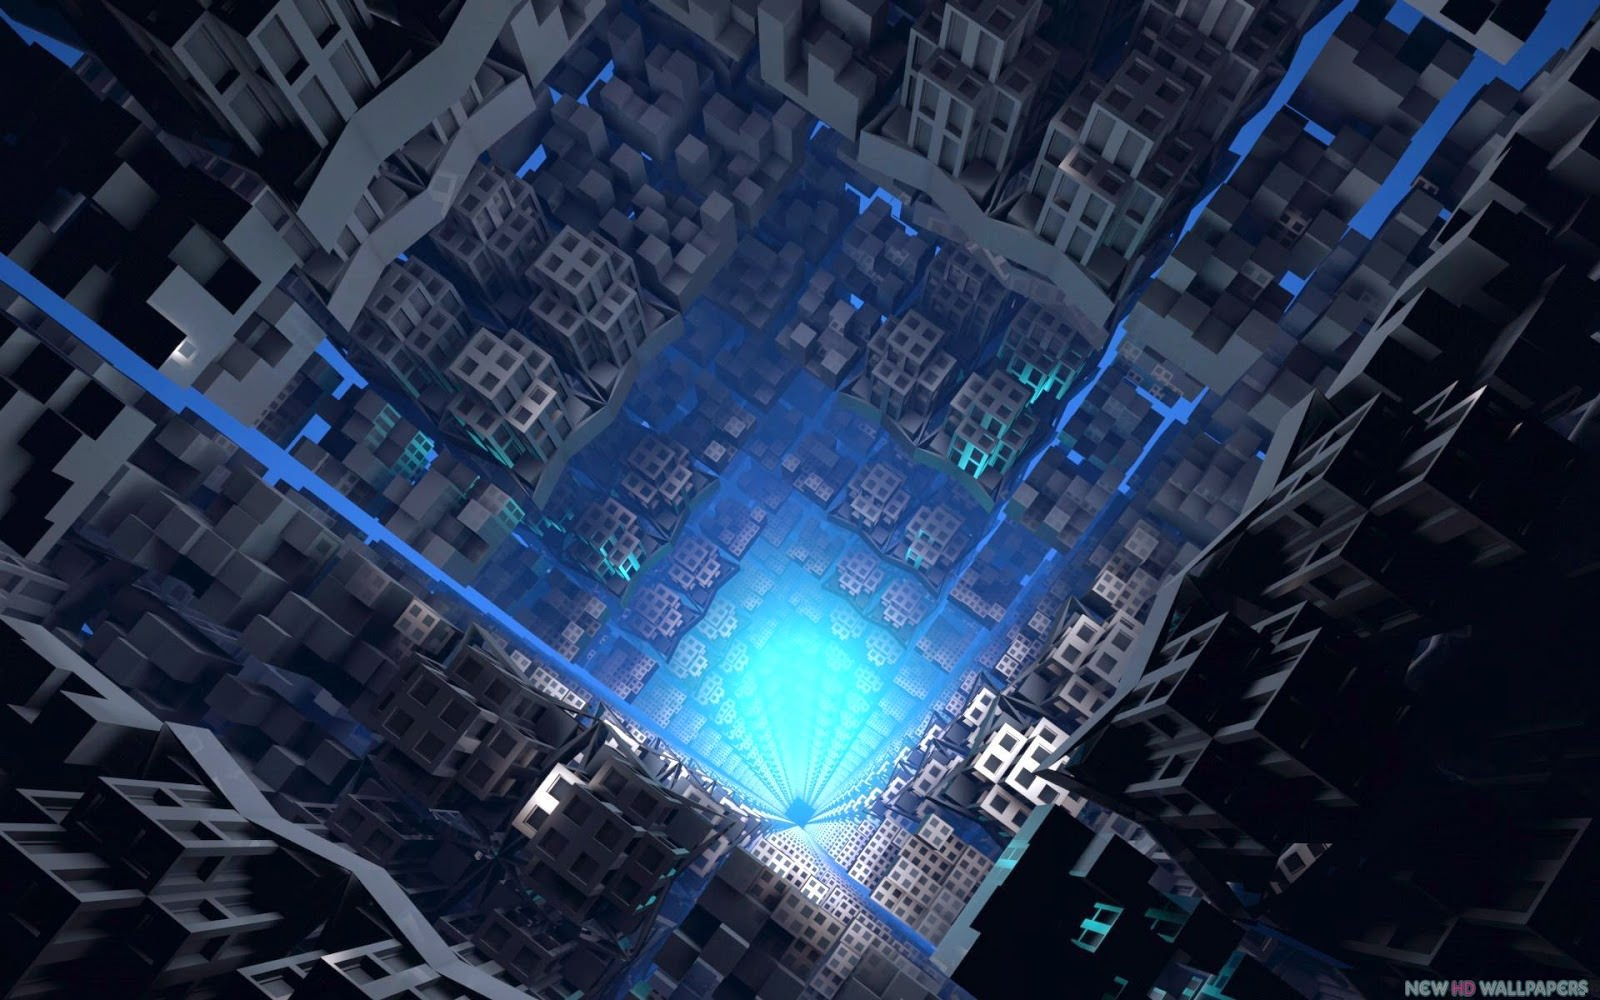 1600x1000 Công nghệ hình nền 3D Hình nền 3D HD